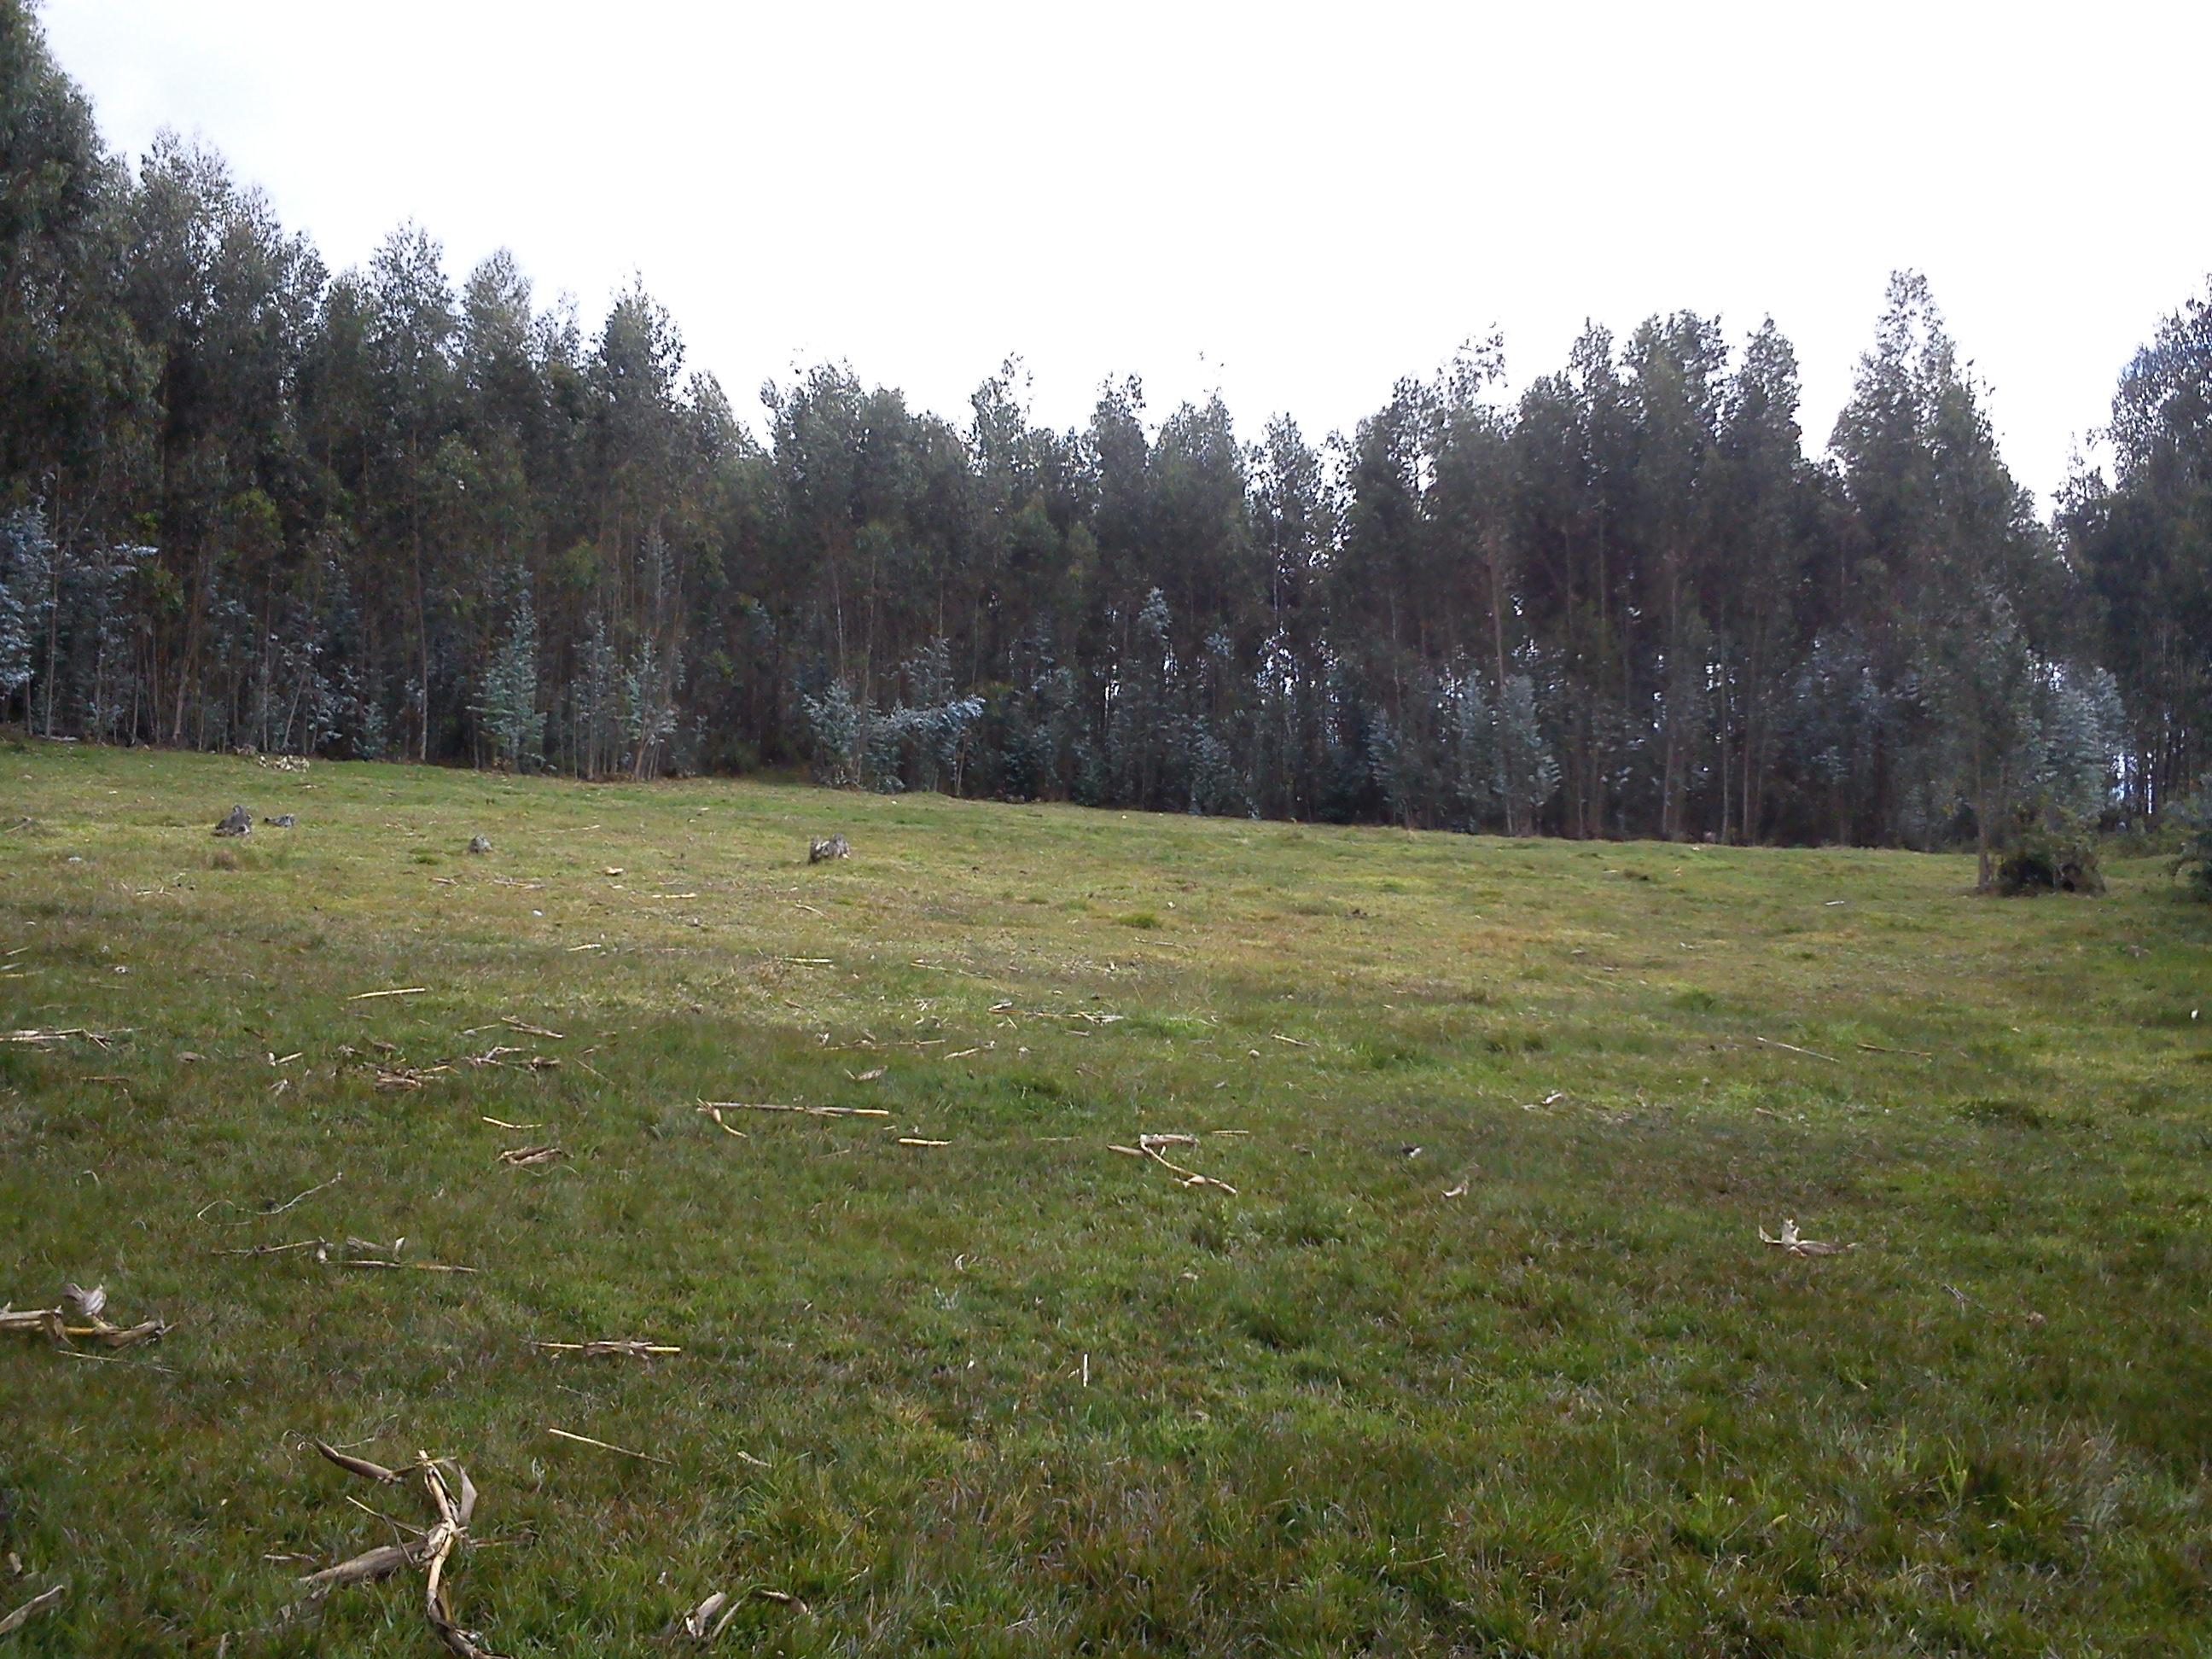 Venta de Hermoso Terreno sector San Miguel de Putuzhi, a 2,46 km de la AV. Ordoñez Lazo Cuenca Ecuador